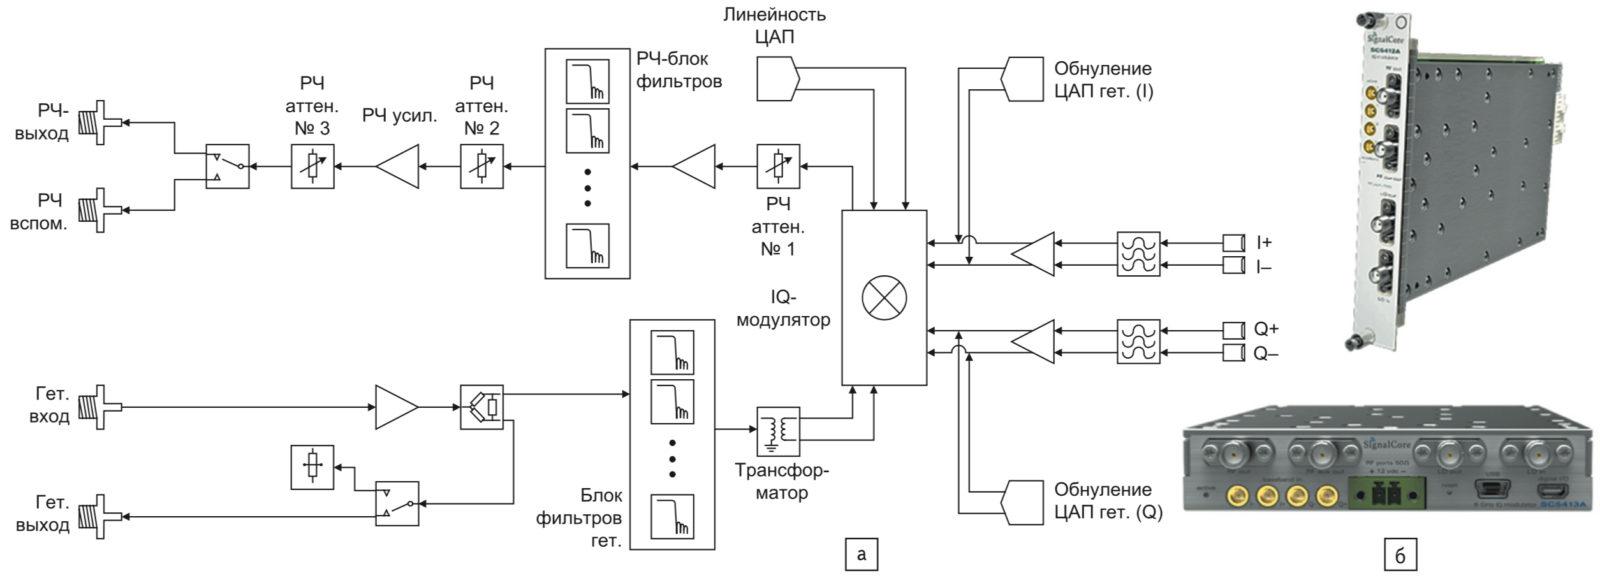 Повышающий преобразователь SC5413A/SC5412A от компании SignalCore: упрощенная схема; варианты конструктивного выполнения